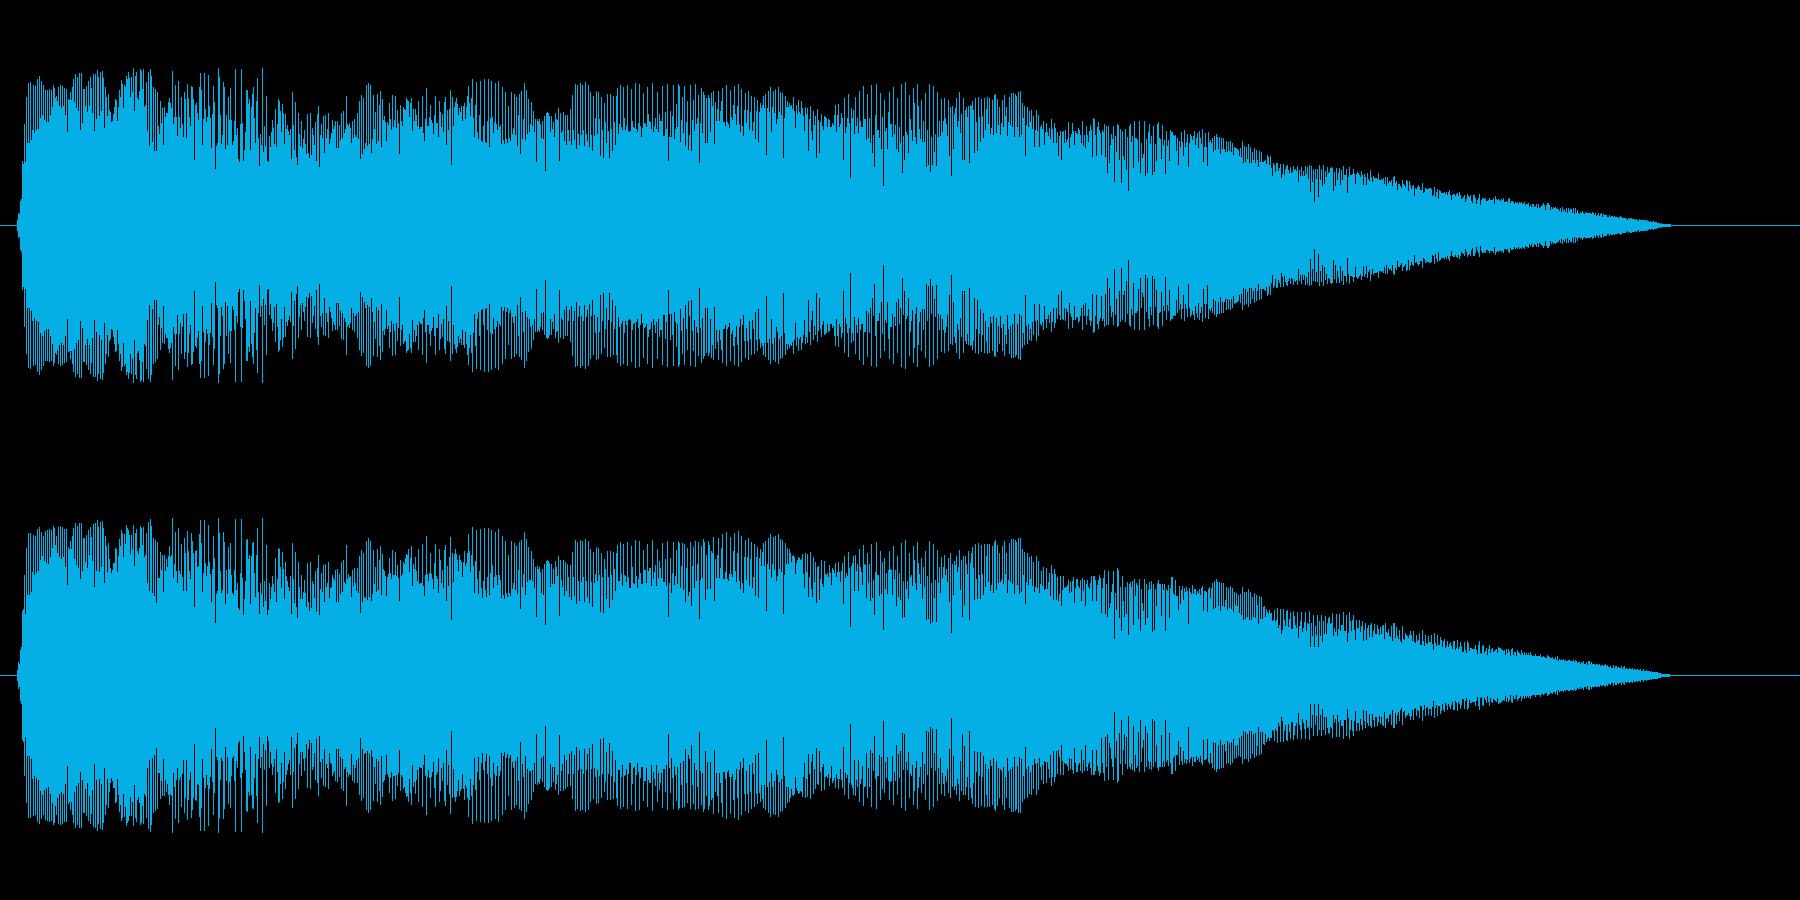 ピヨヨヨョ〜ン(コミカルな失敗音)の再生済みの波形